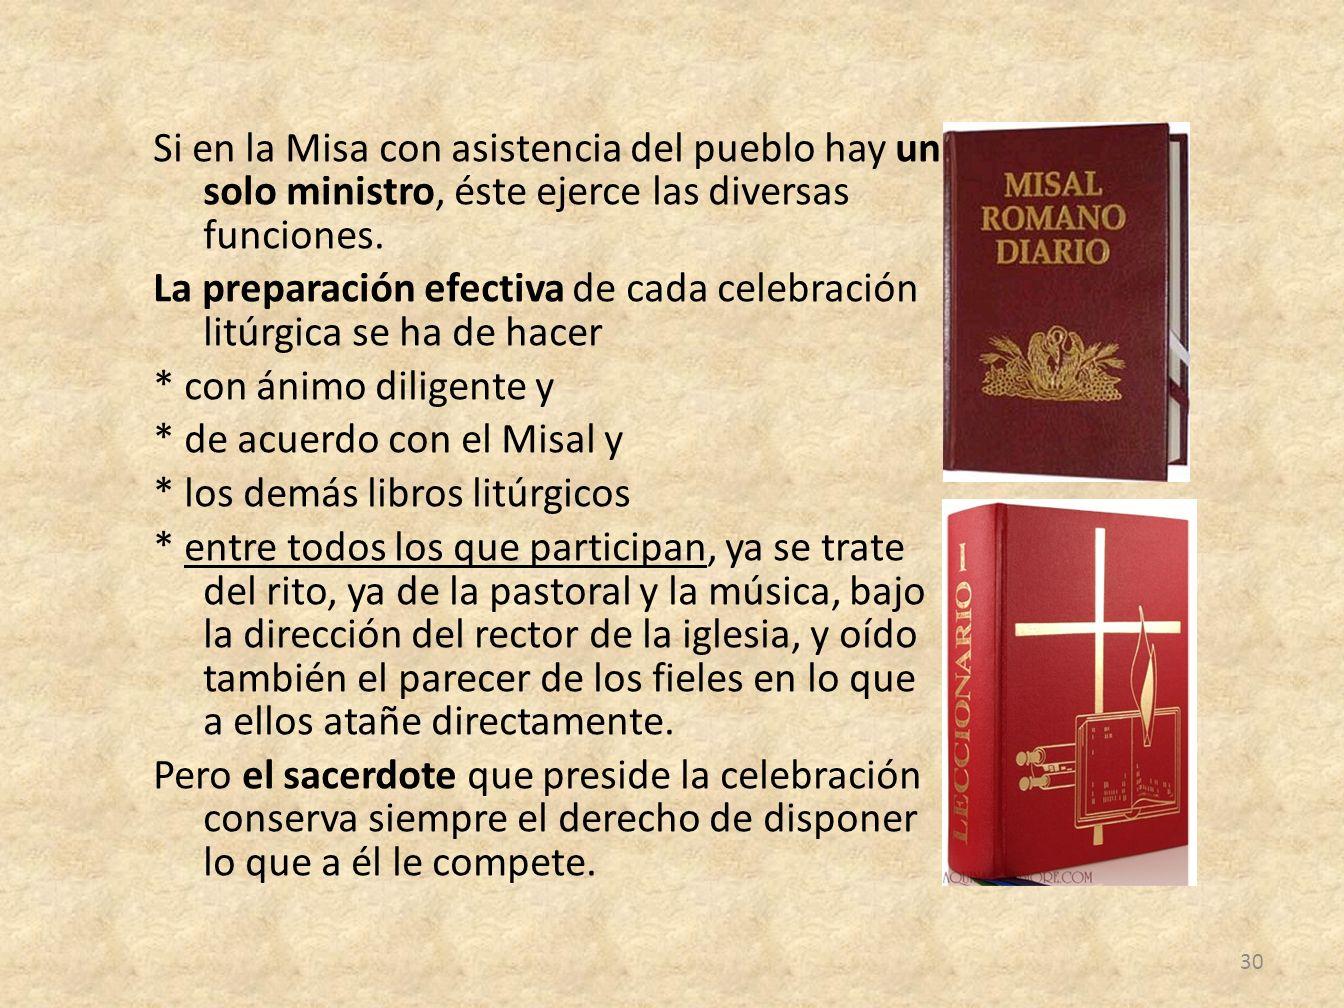 Si en la Misa con asistencia del pueblo hay un solo ministro, éste ejerce las diversas funciones.